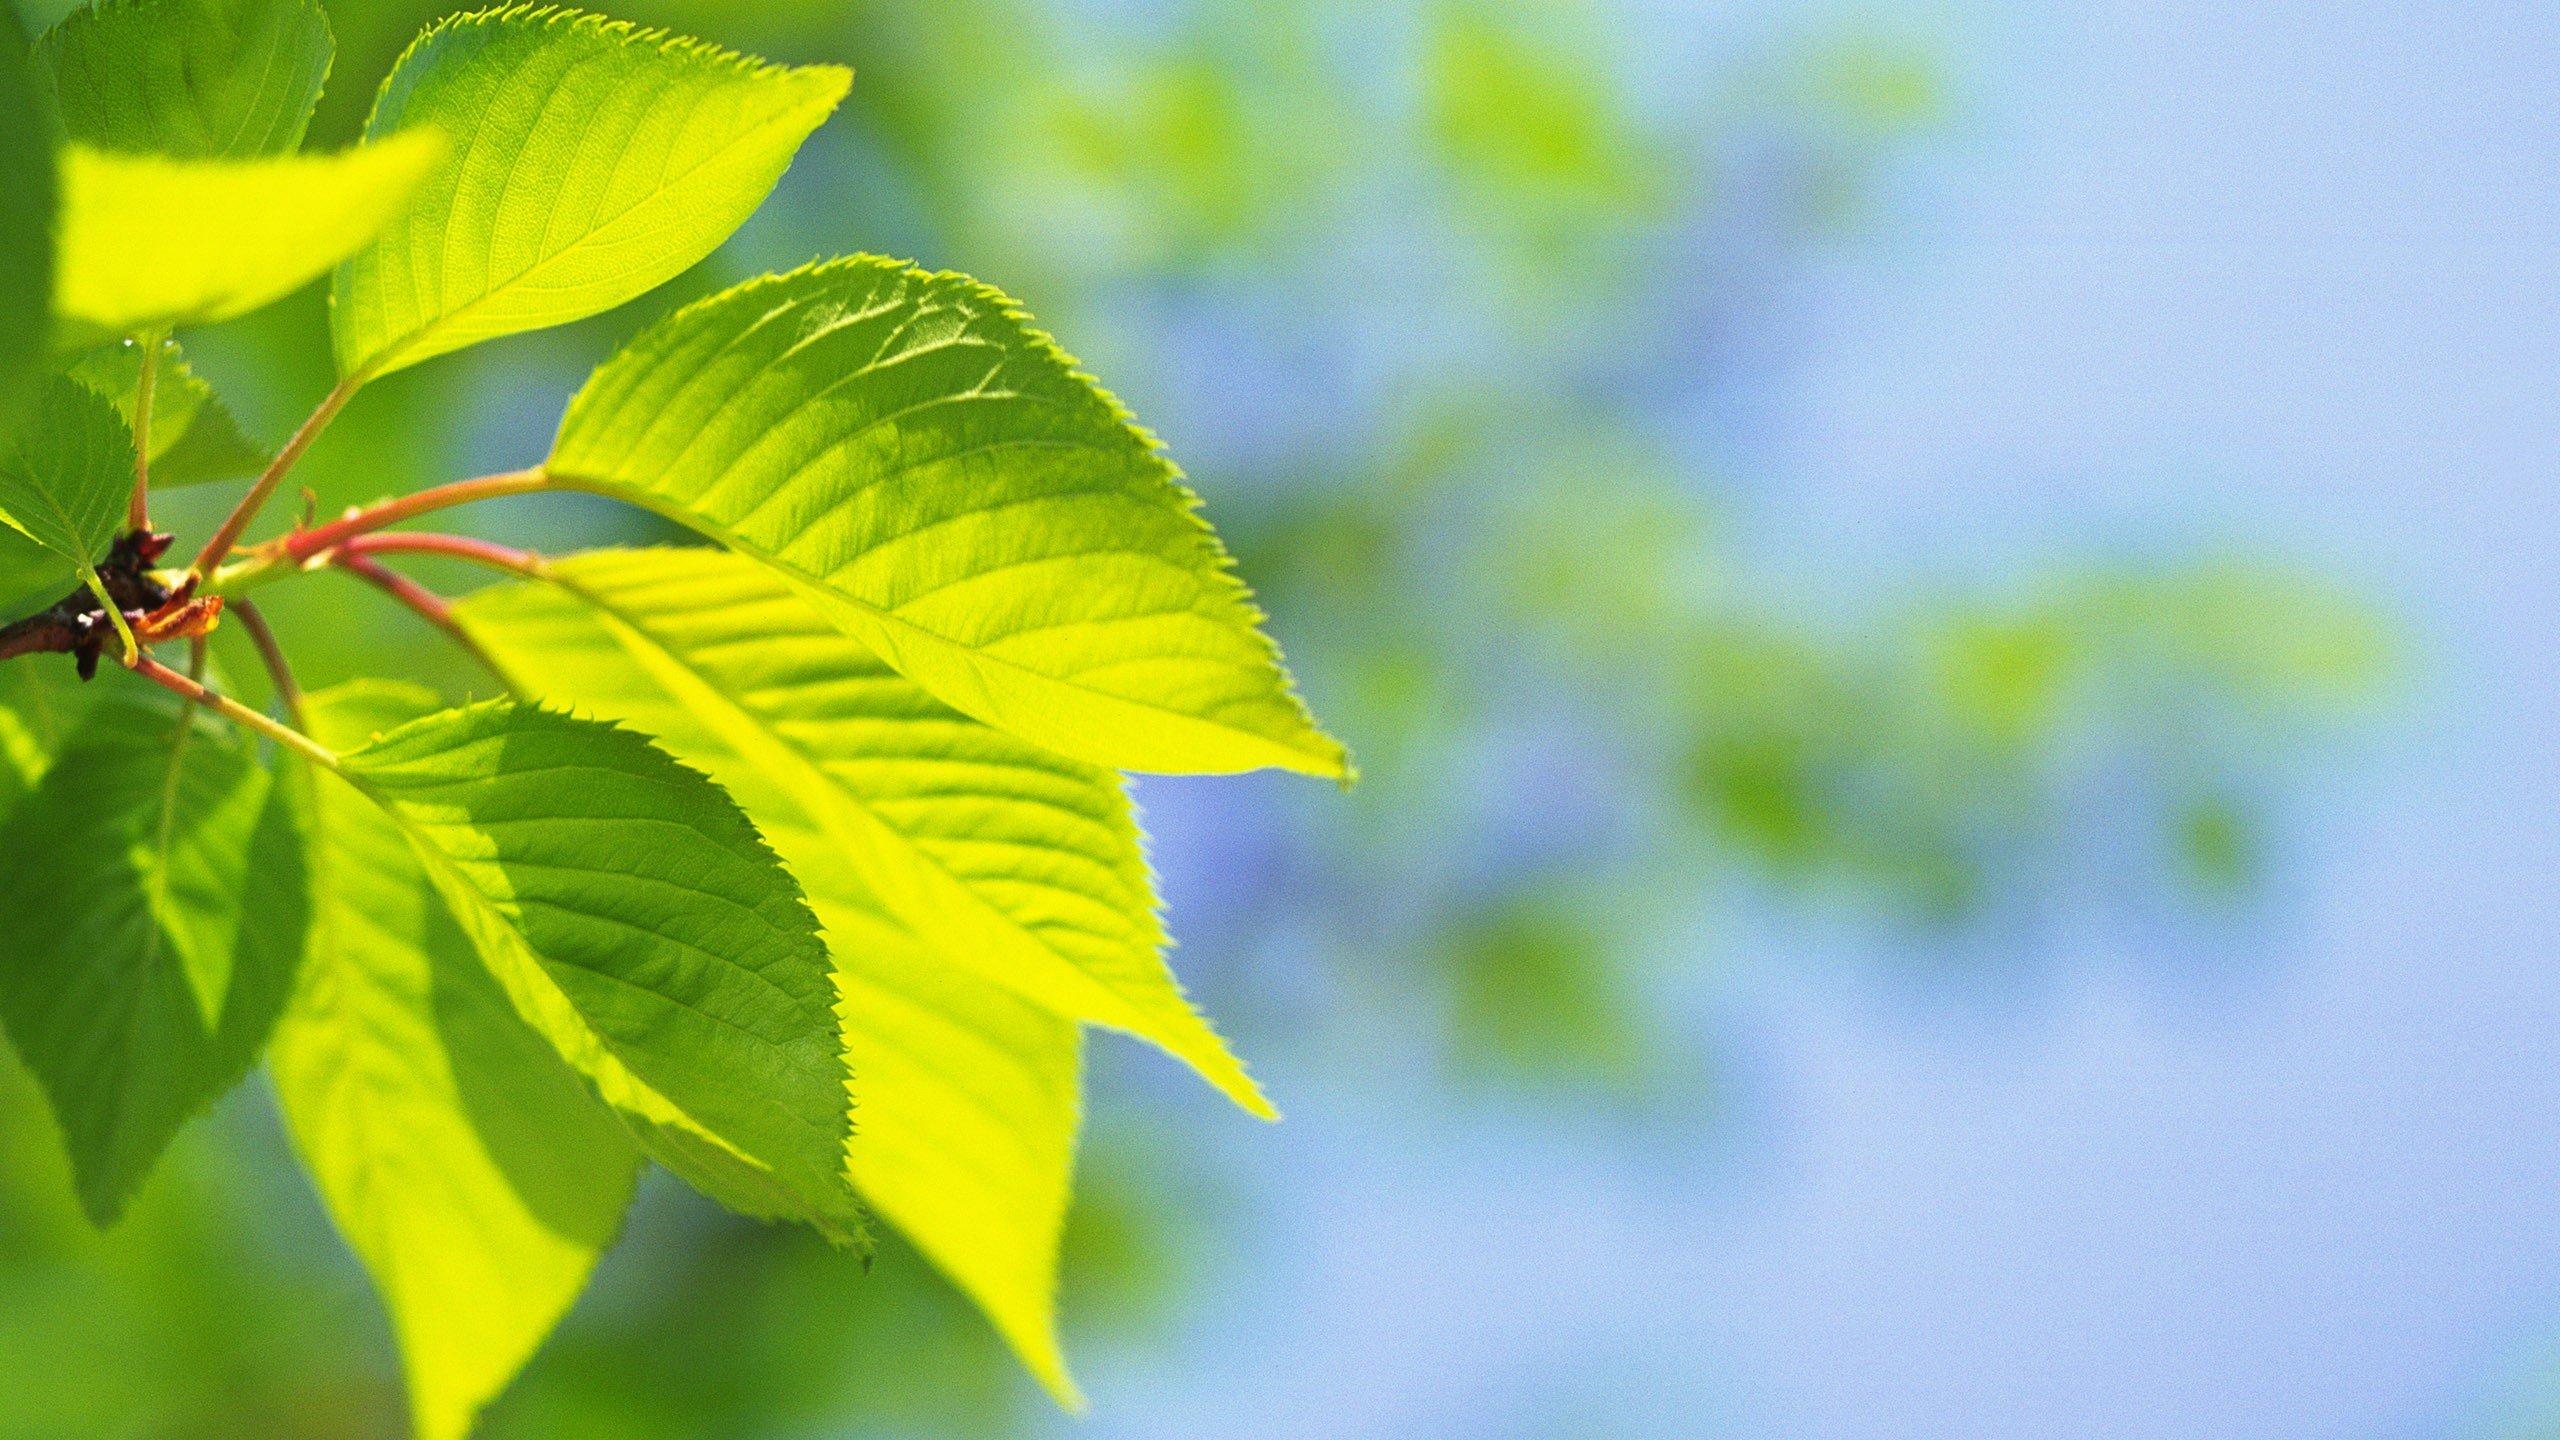 Hình nền lá cây dưới nắng